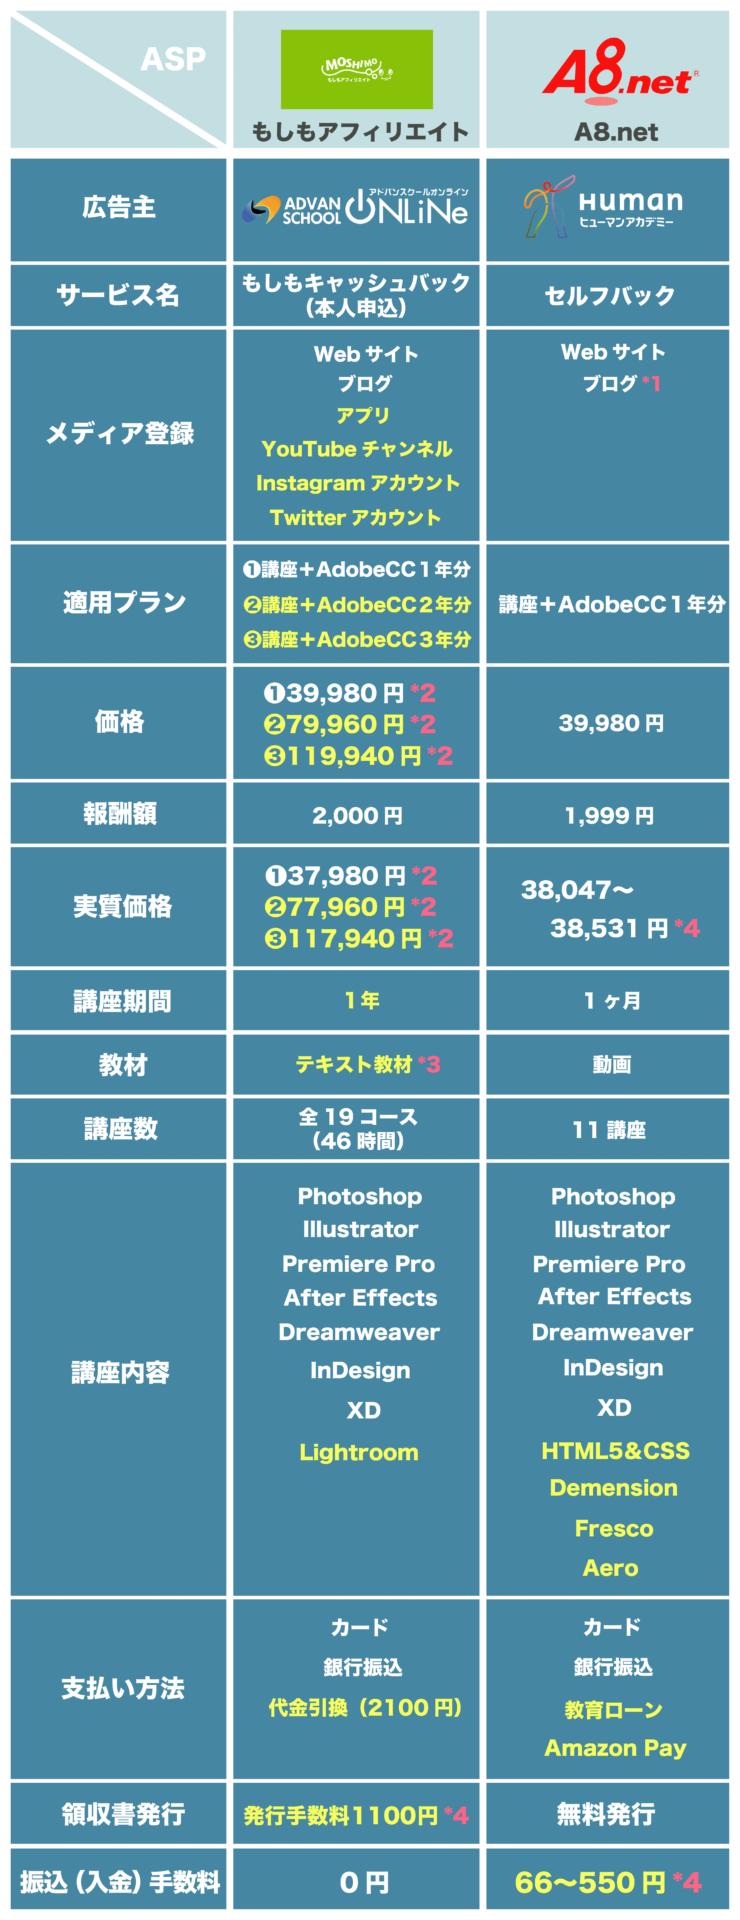 Adobe CC 安く買う方法 もしもアフィリエイト A8.net 比較